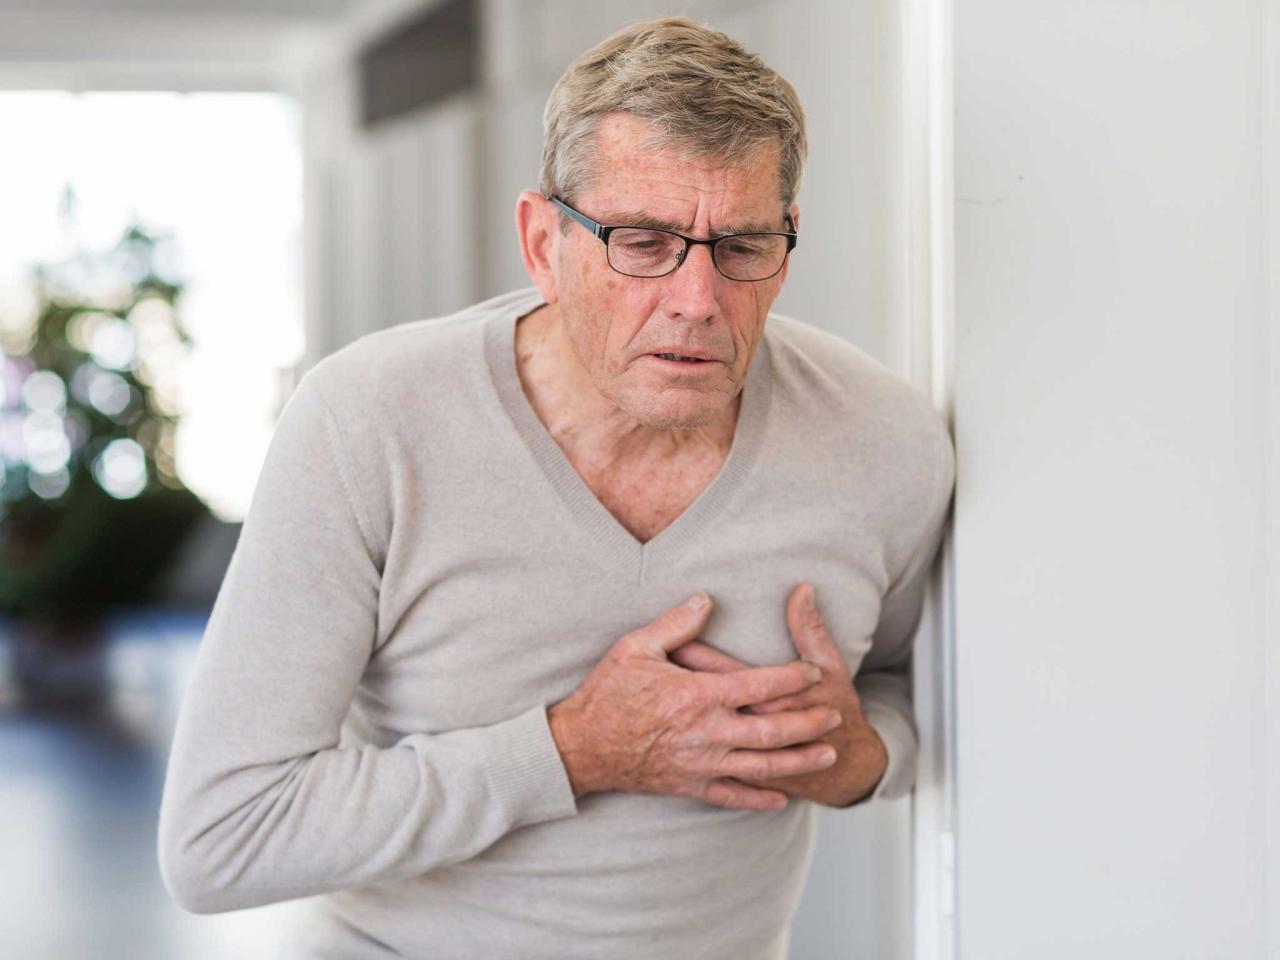 Các vấn đề sức khỏe của người cao tuổi.